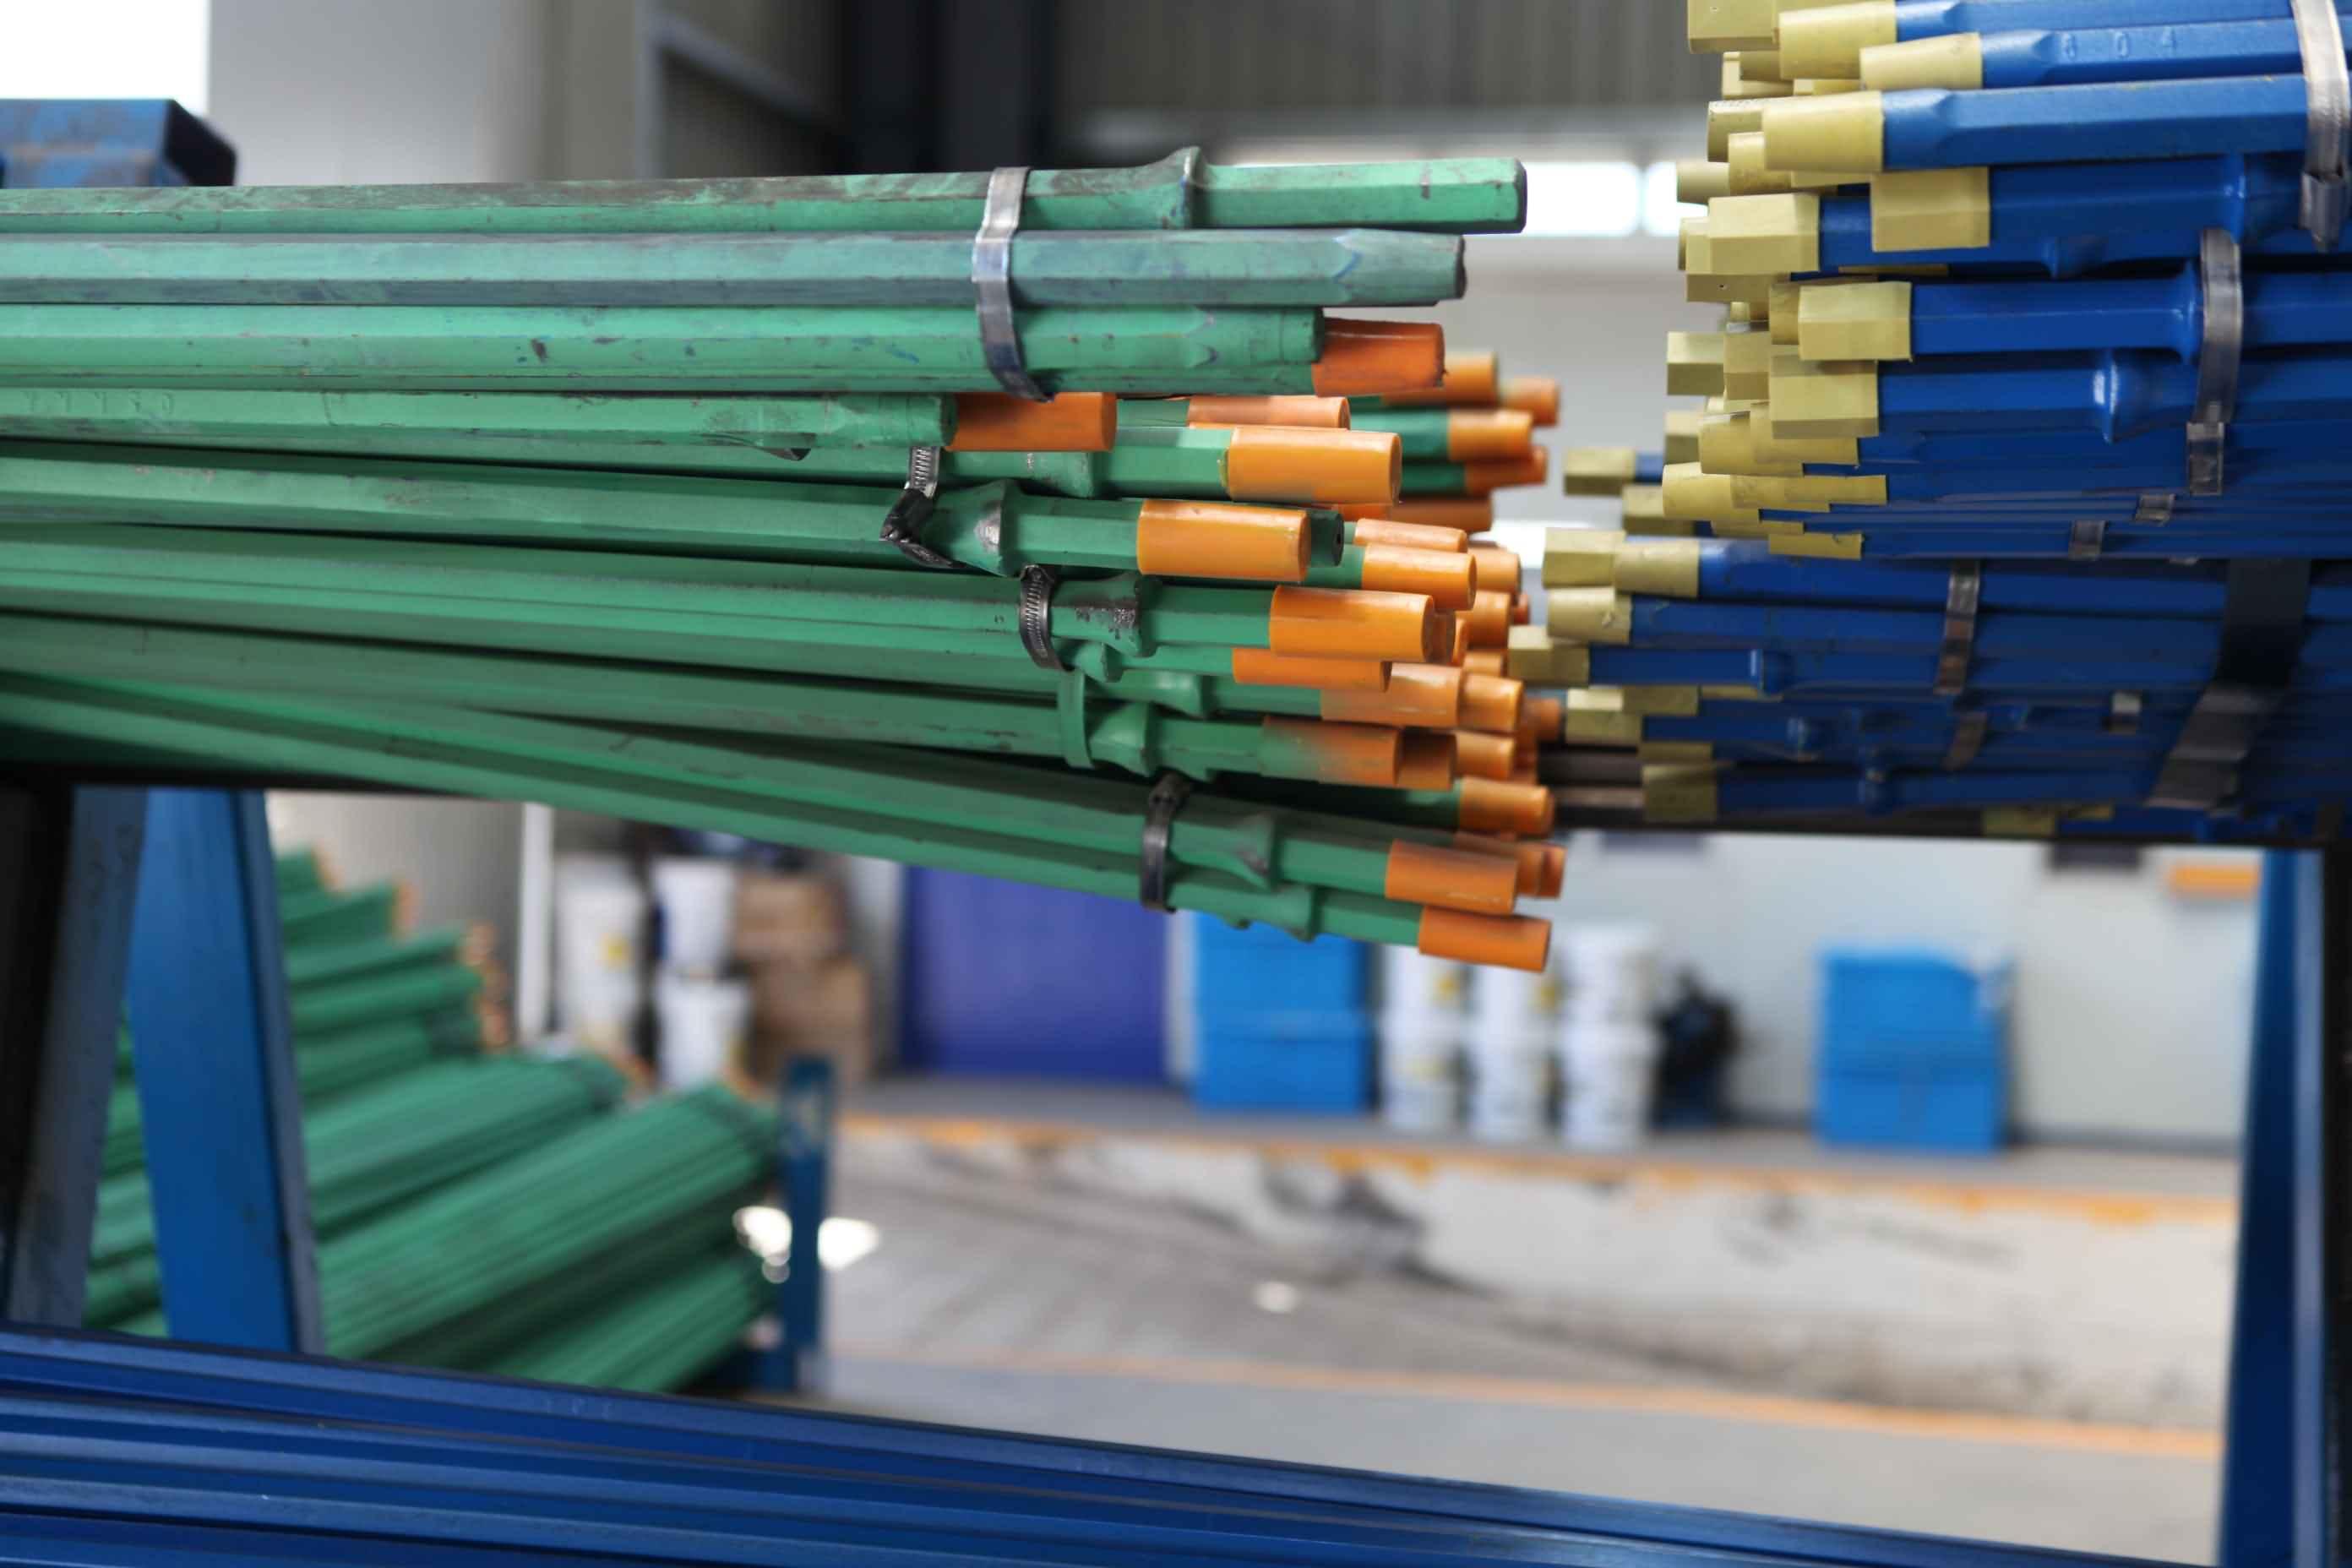 钻杆在日常基本操作使用过程中遇到的5大常见问题解答!